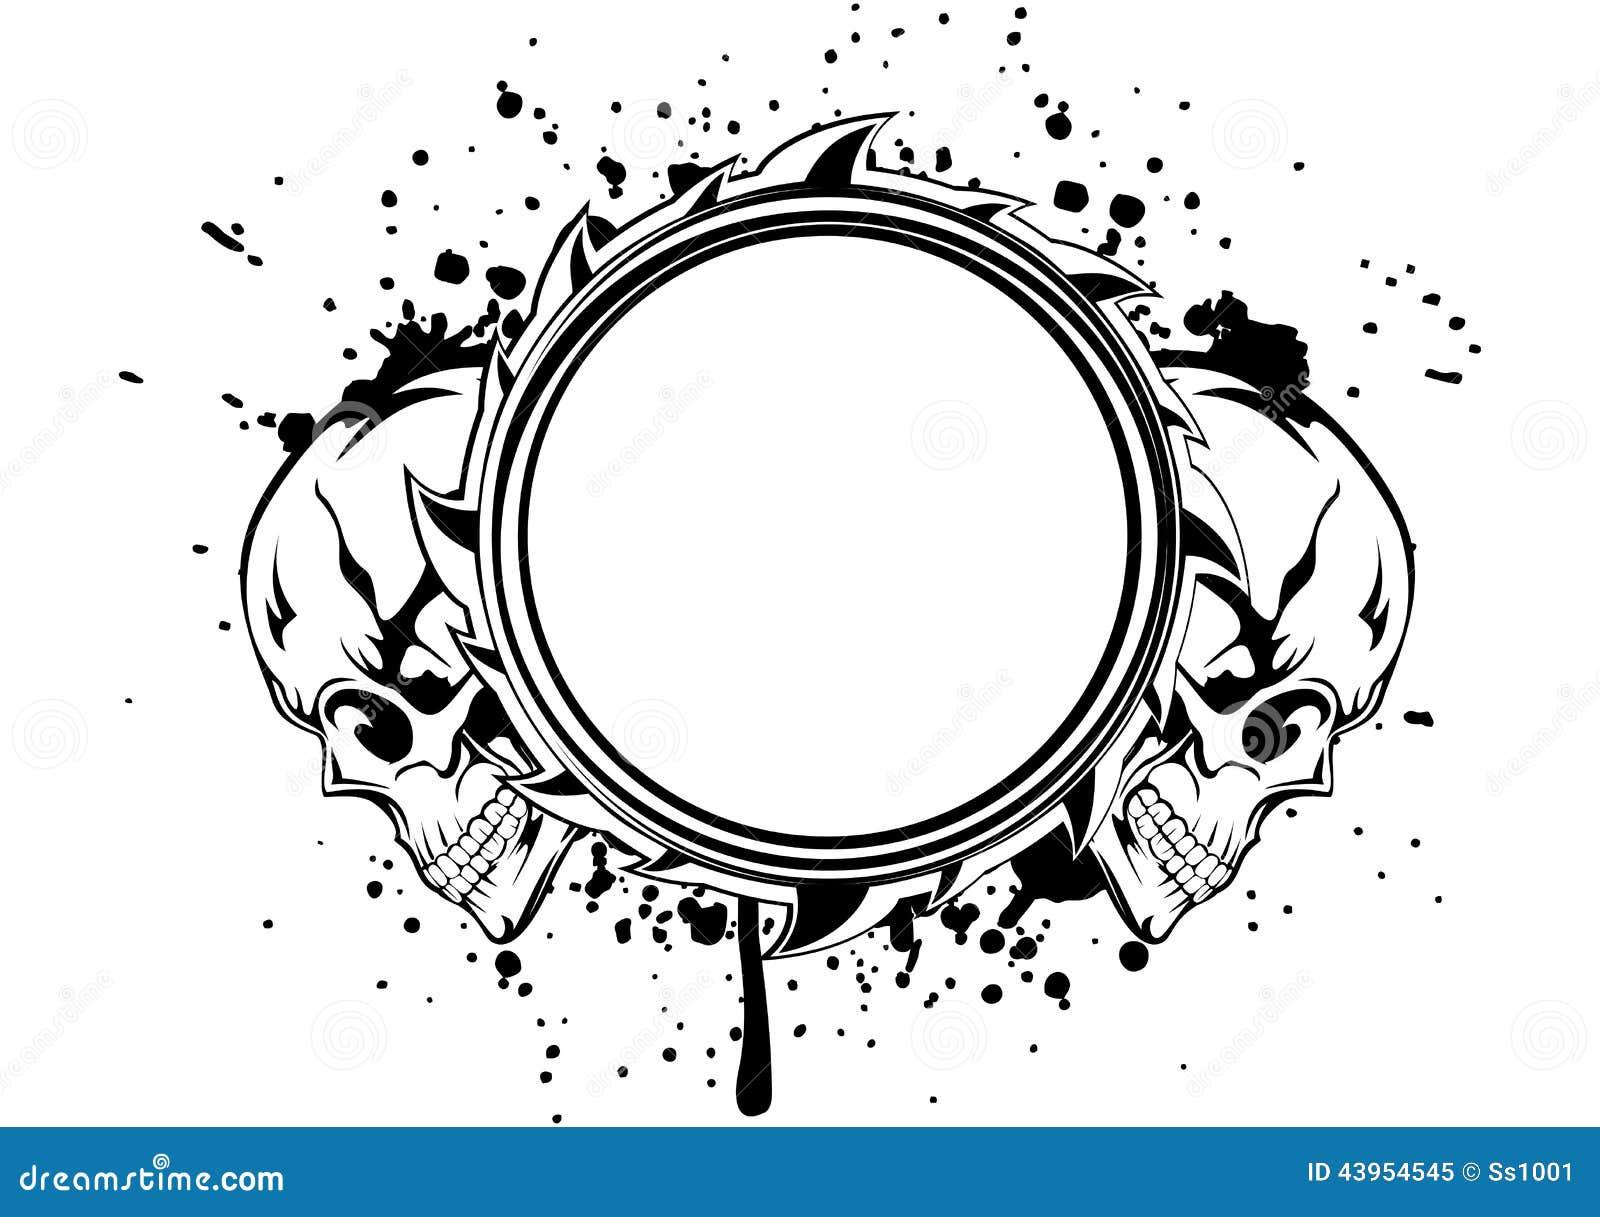 Marco de los cráneos ilustración del vector. Ilustración de cranium ...